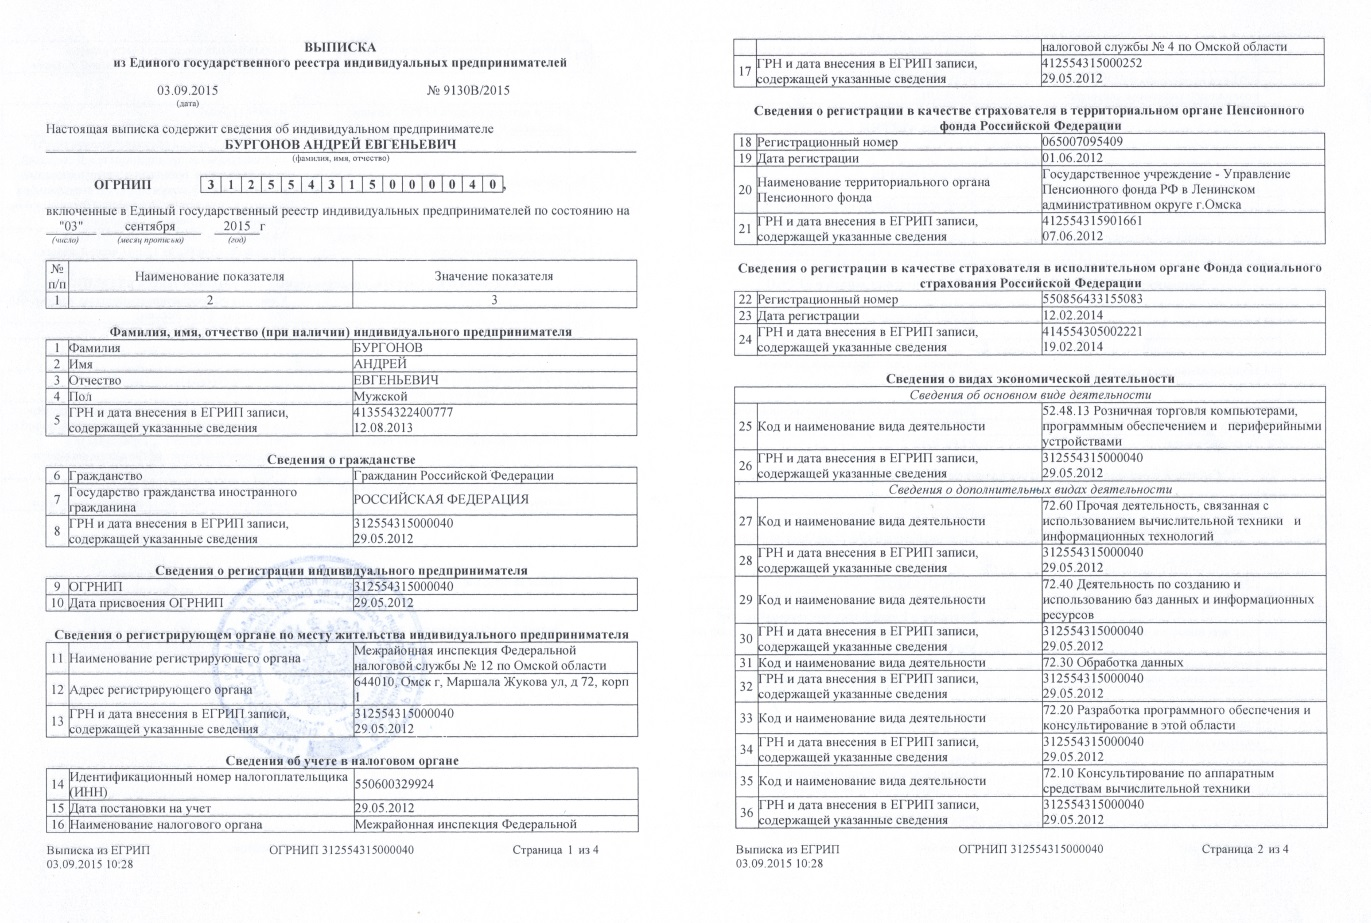 Выписка егрюл онлайн выписка из егрюл и оргн в налоговой онлайн: как заказать и получить, сведения